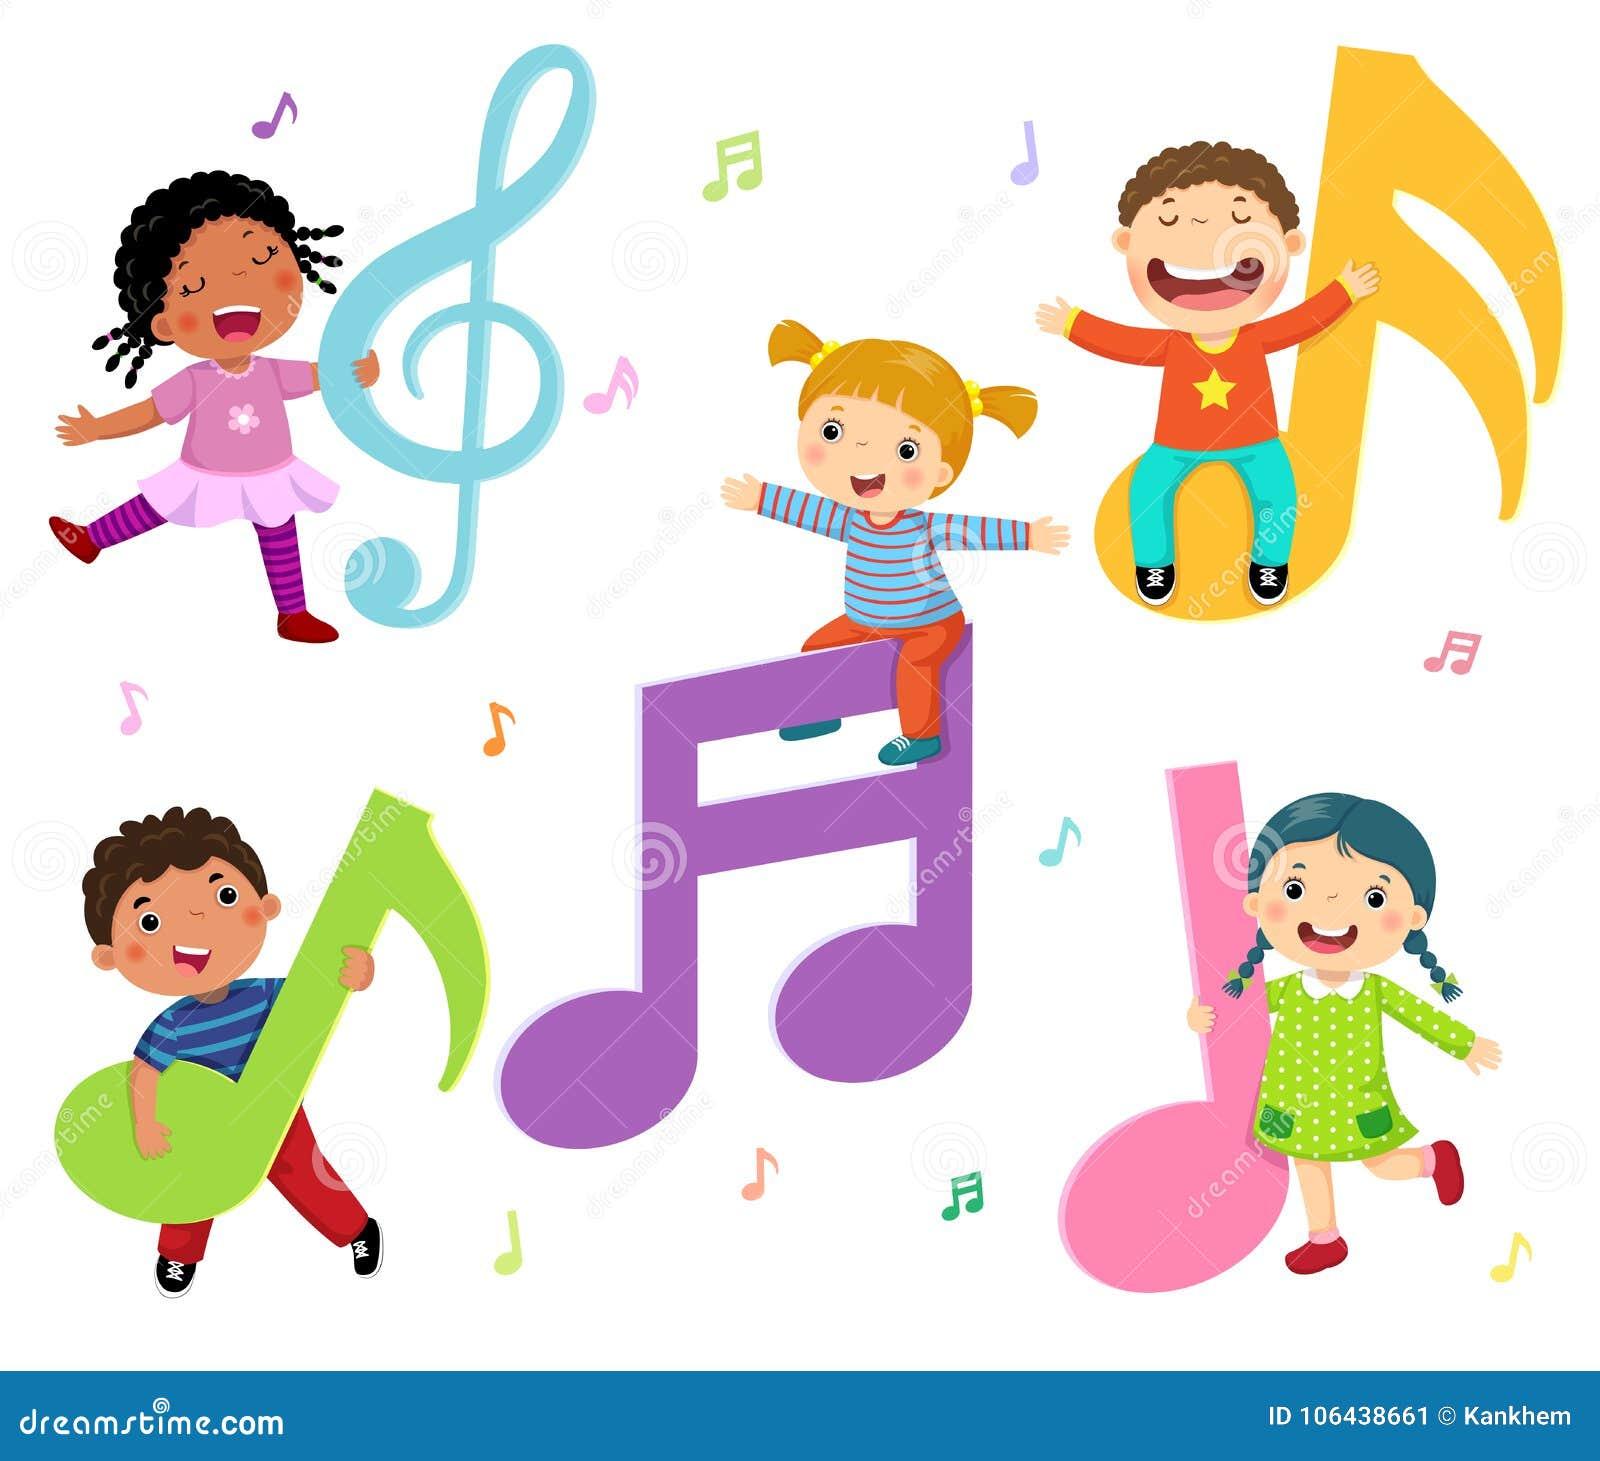 Criancas Dos Desenhos Animados Com Notas Da Musica Ilustracao Do